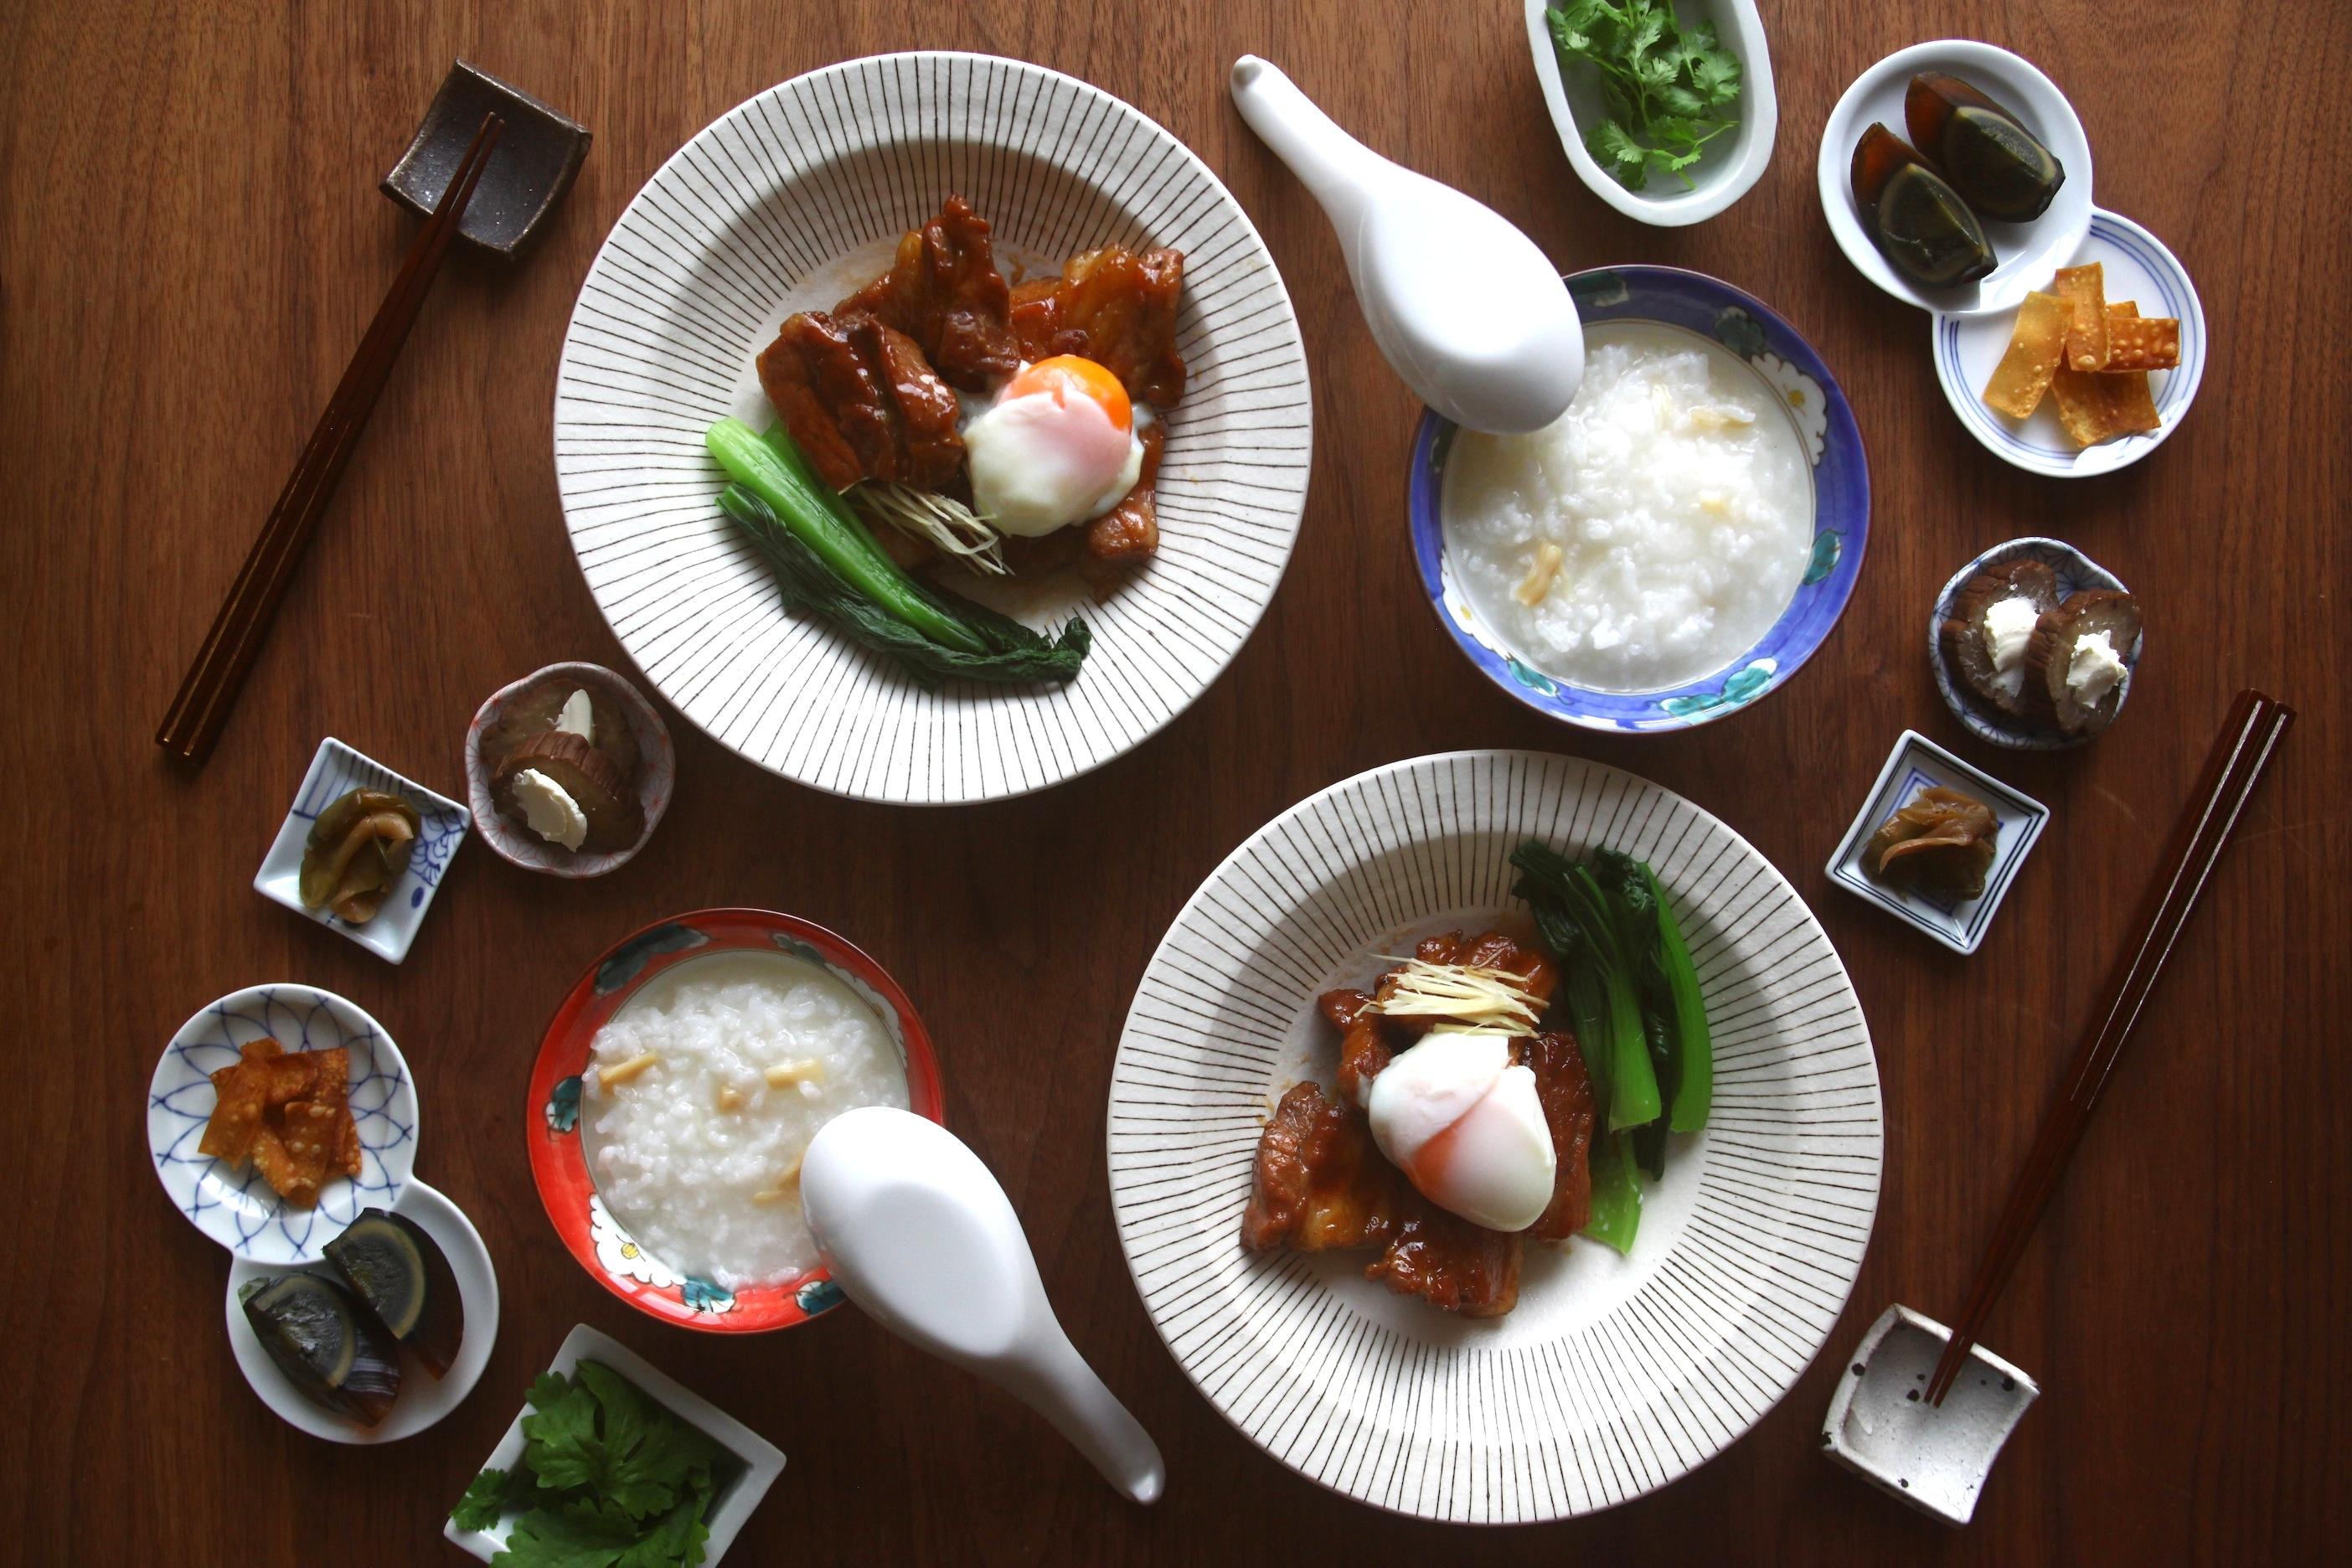 「オトコノキッチン」胃にも優しい中華のご馳走